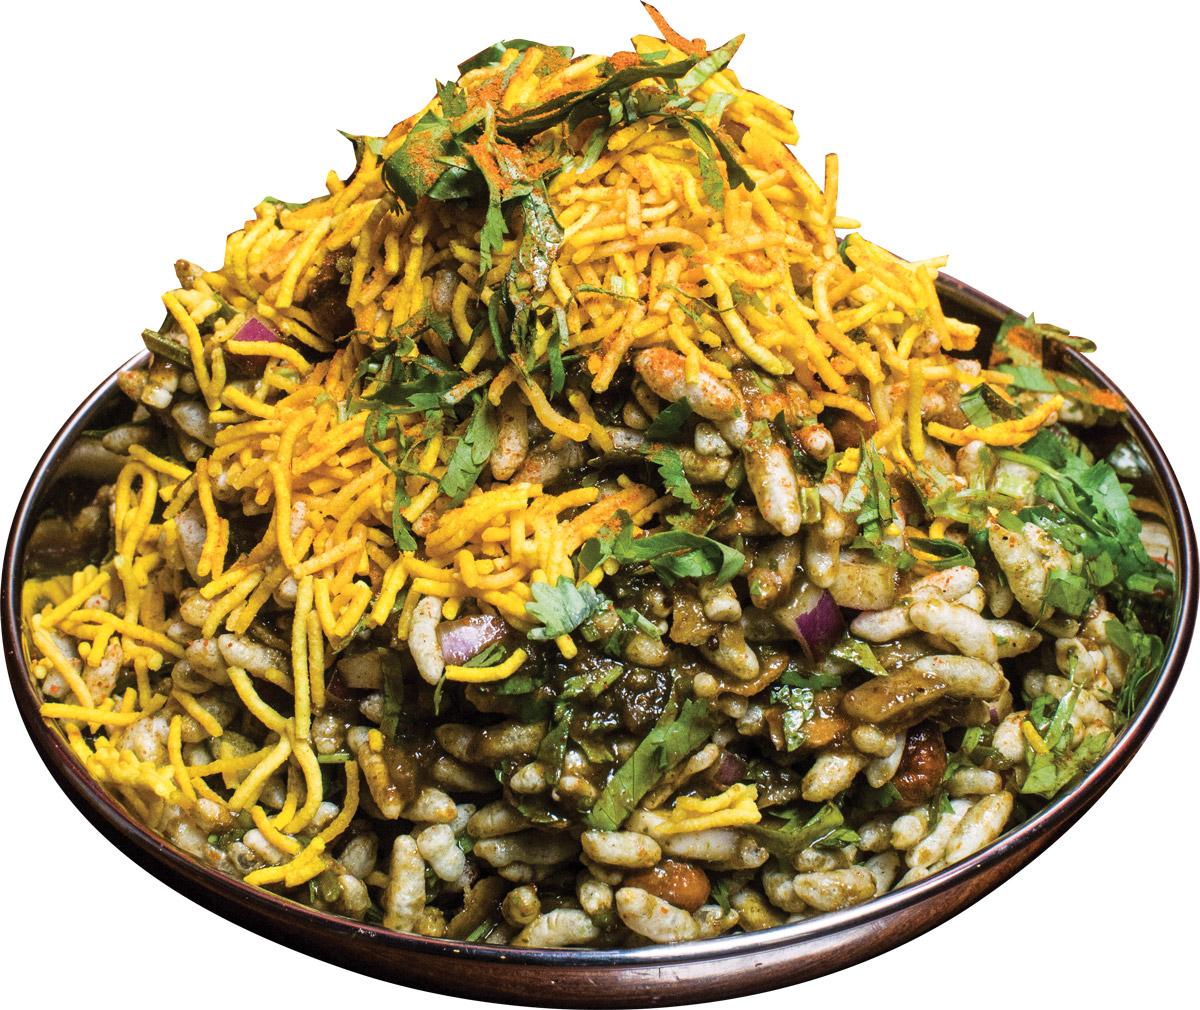 Crunchy bhel puri